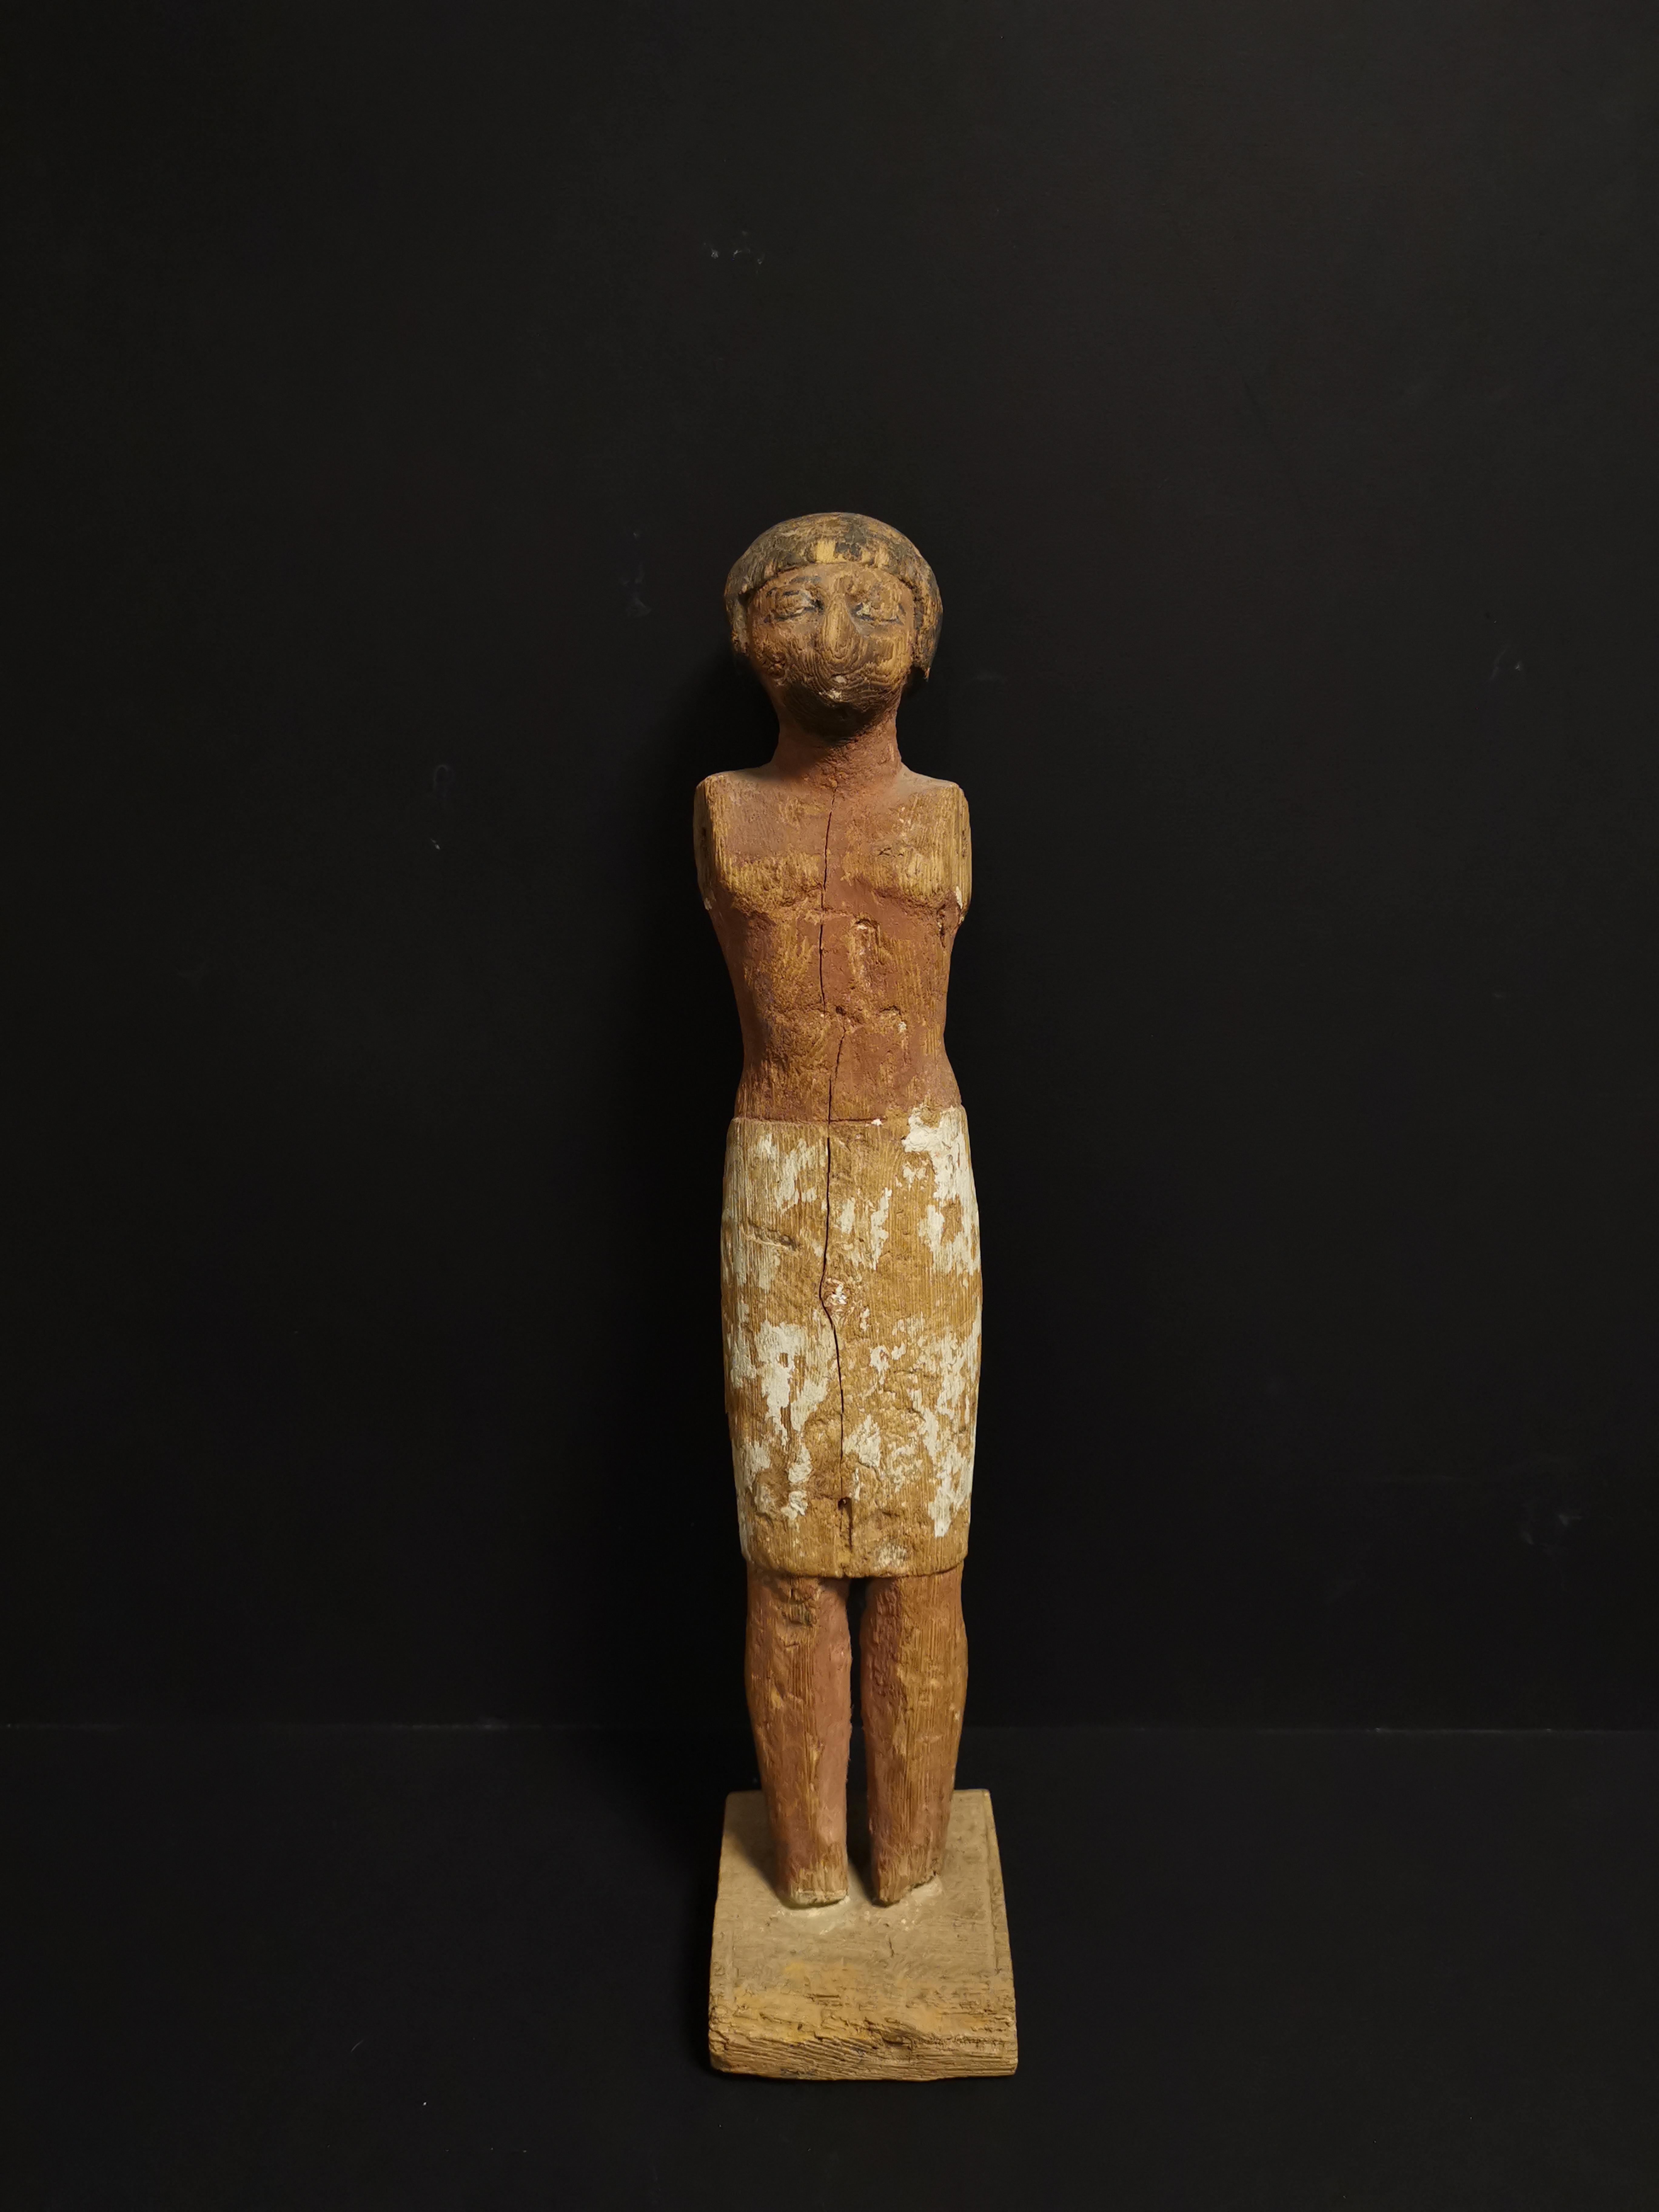 Statuette en ronde bosse représentant un homme debout vêtu d'un pagne. Les détails [...]